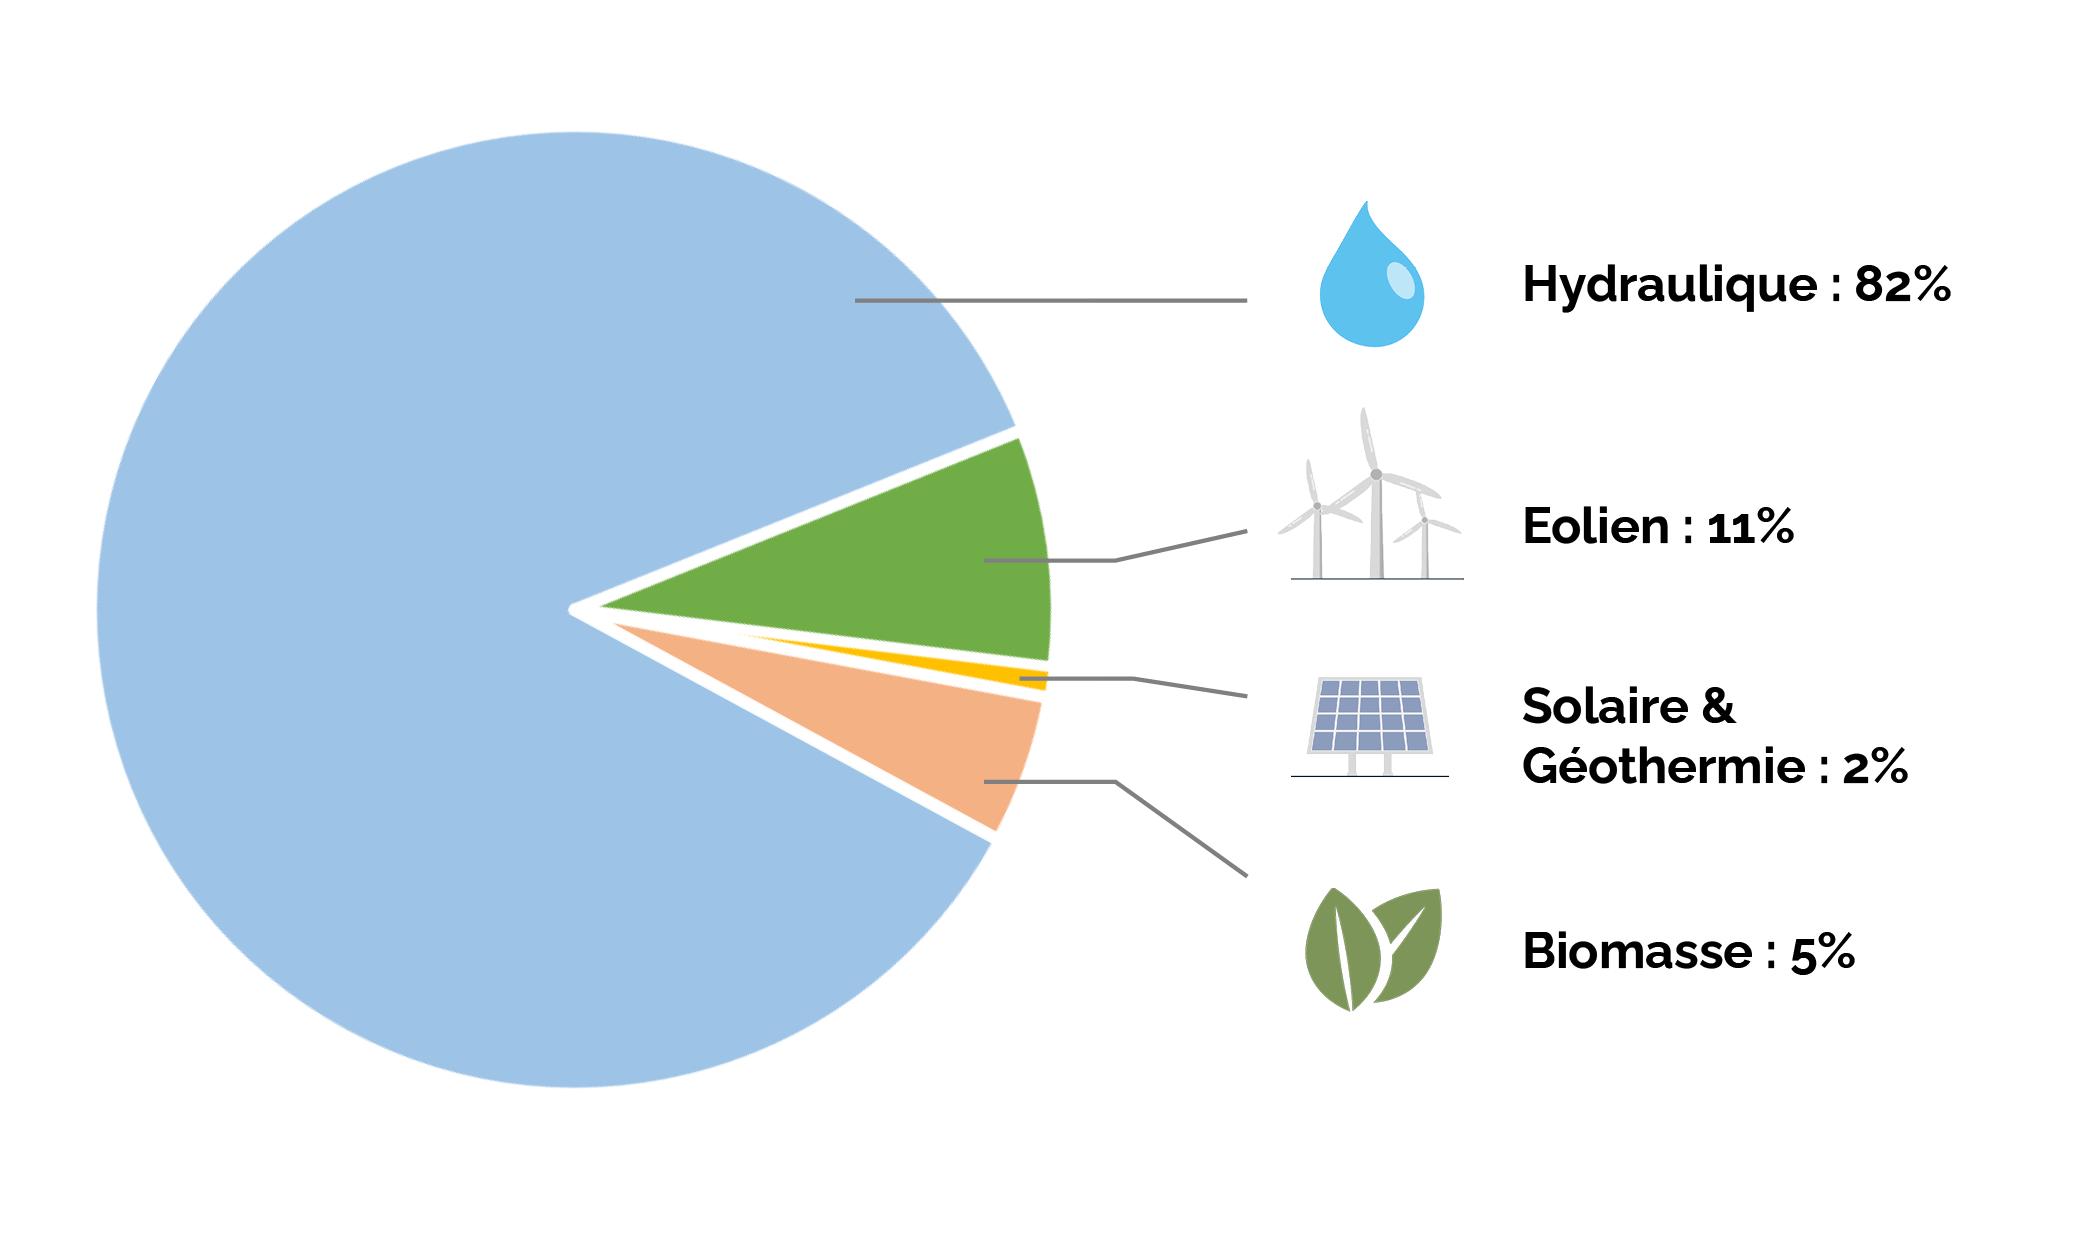 Répartition de la consommation d'électricité verte par technologies